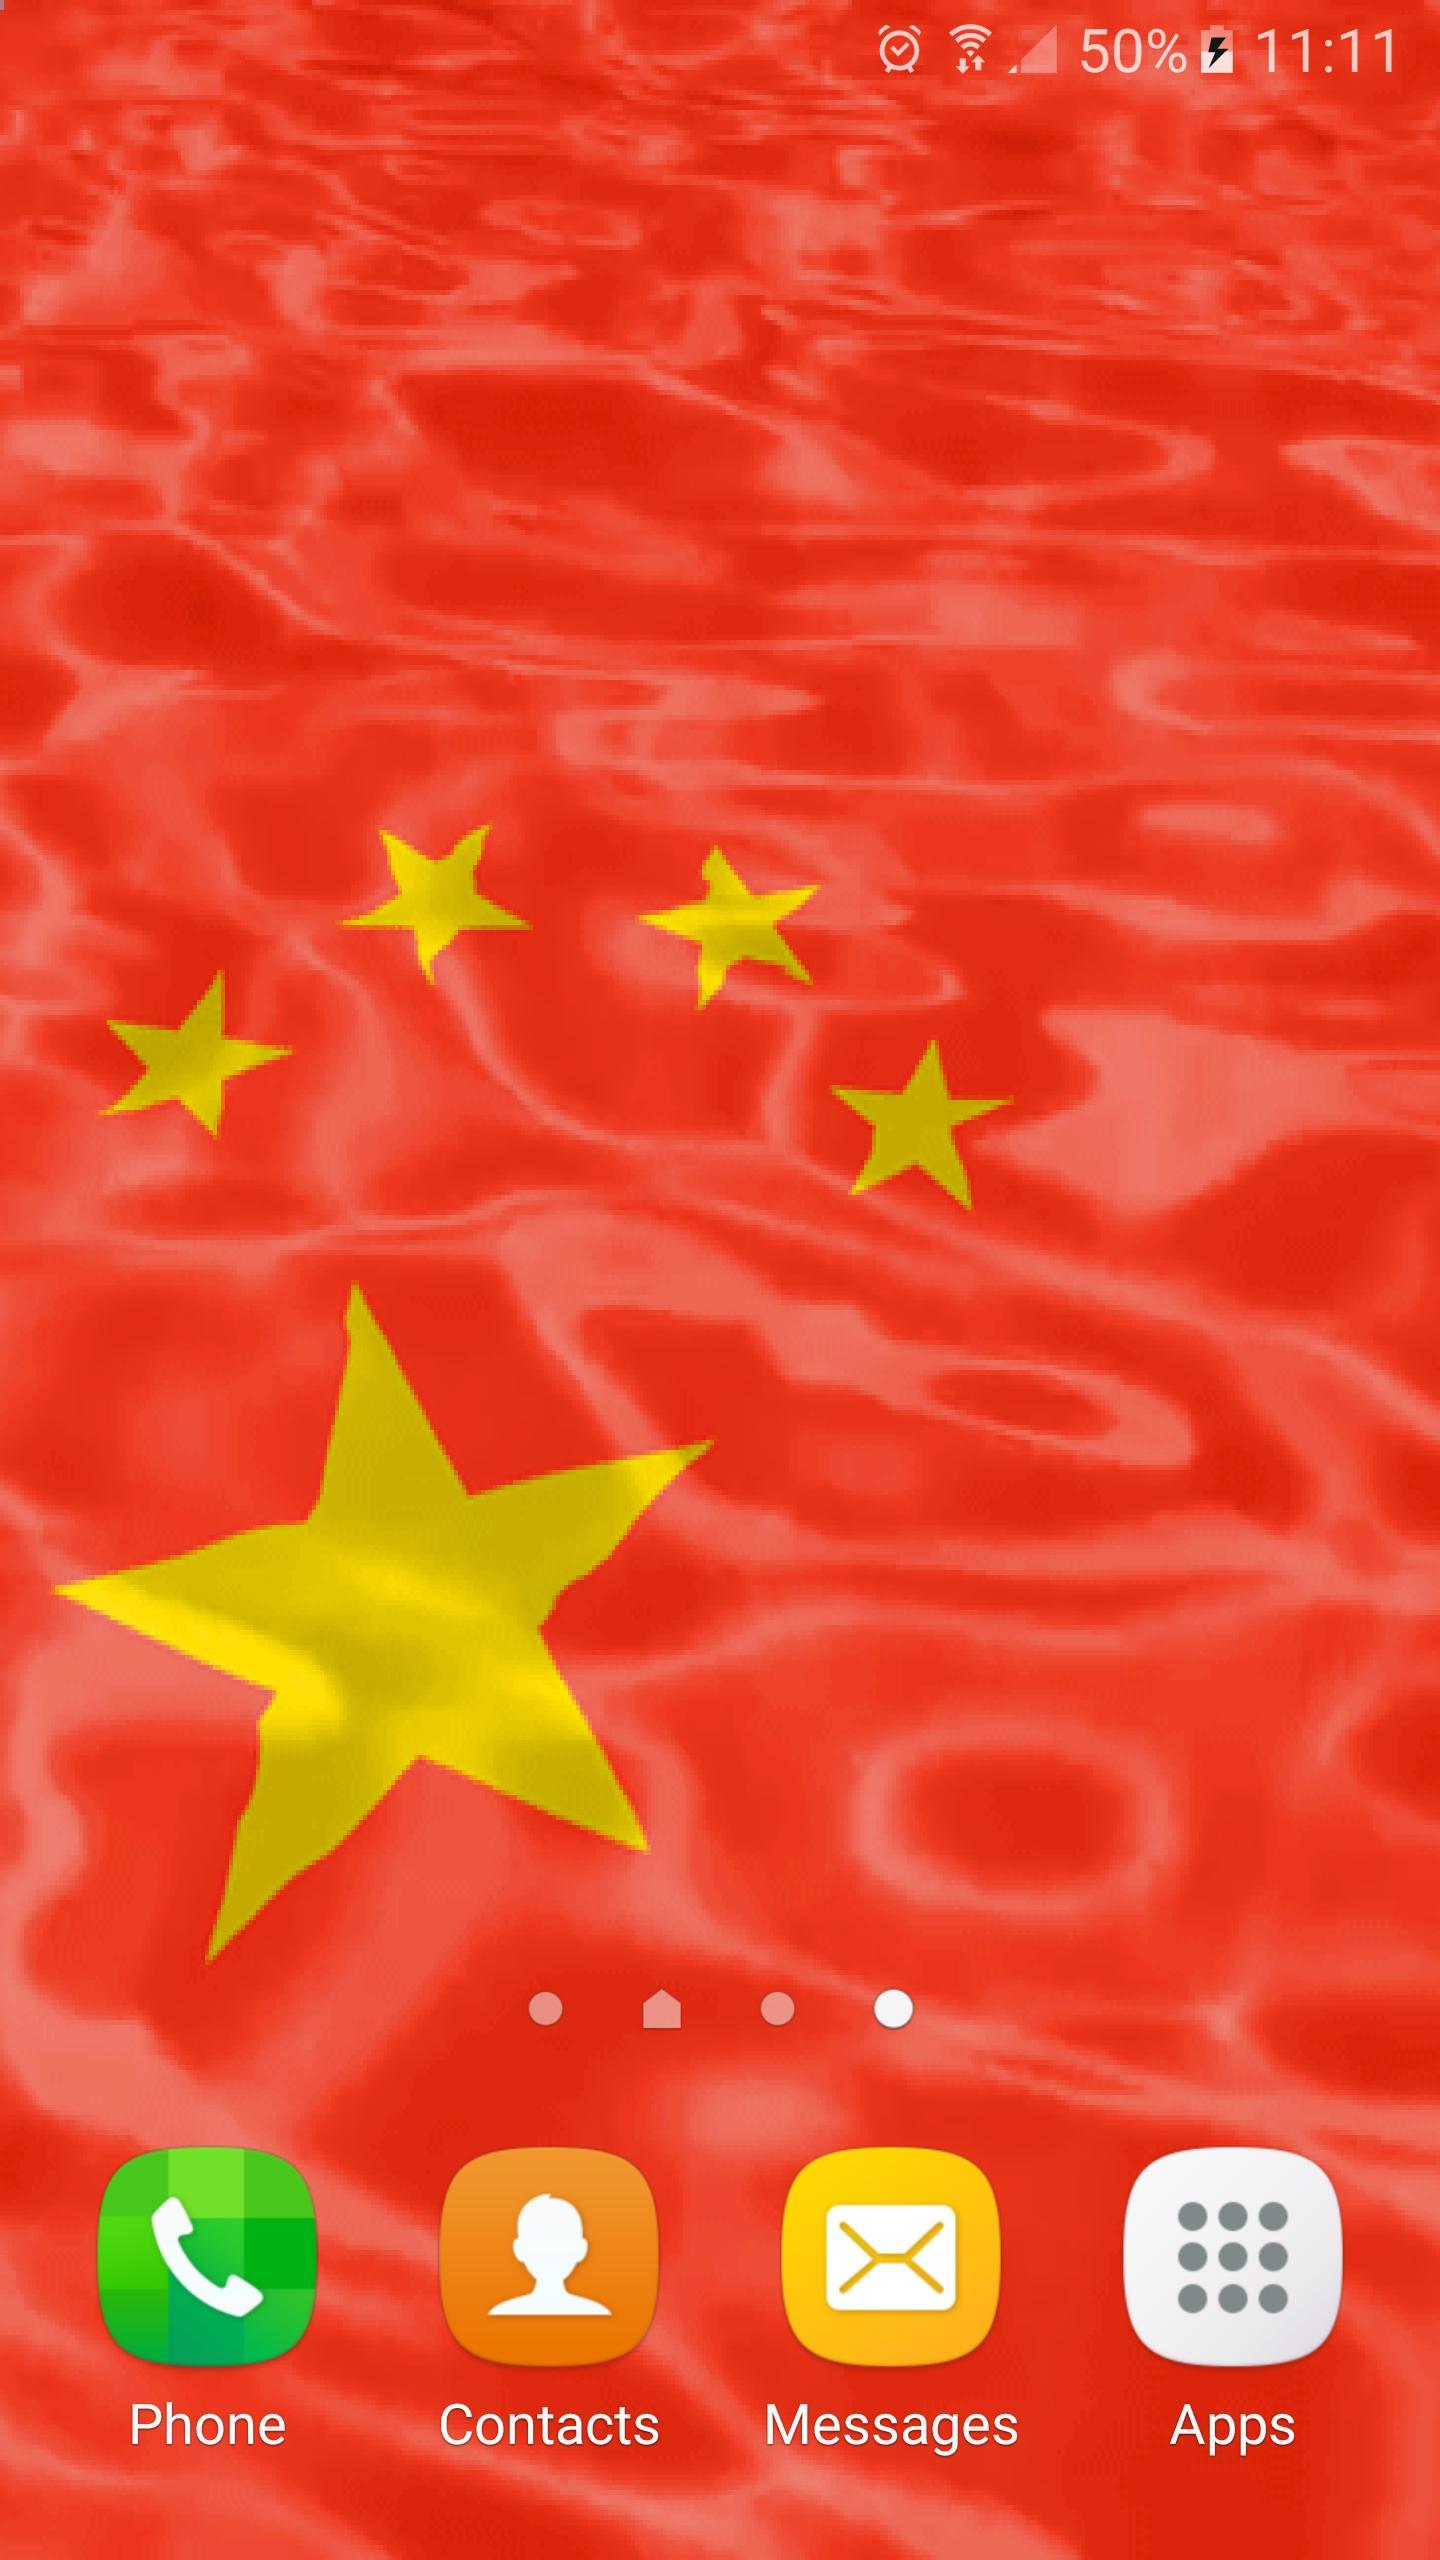 Android 用の 中国の旗 ライブ壁紙 Apk をダウンロード